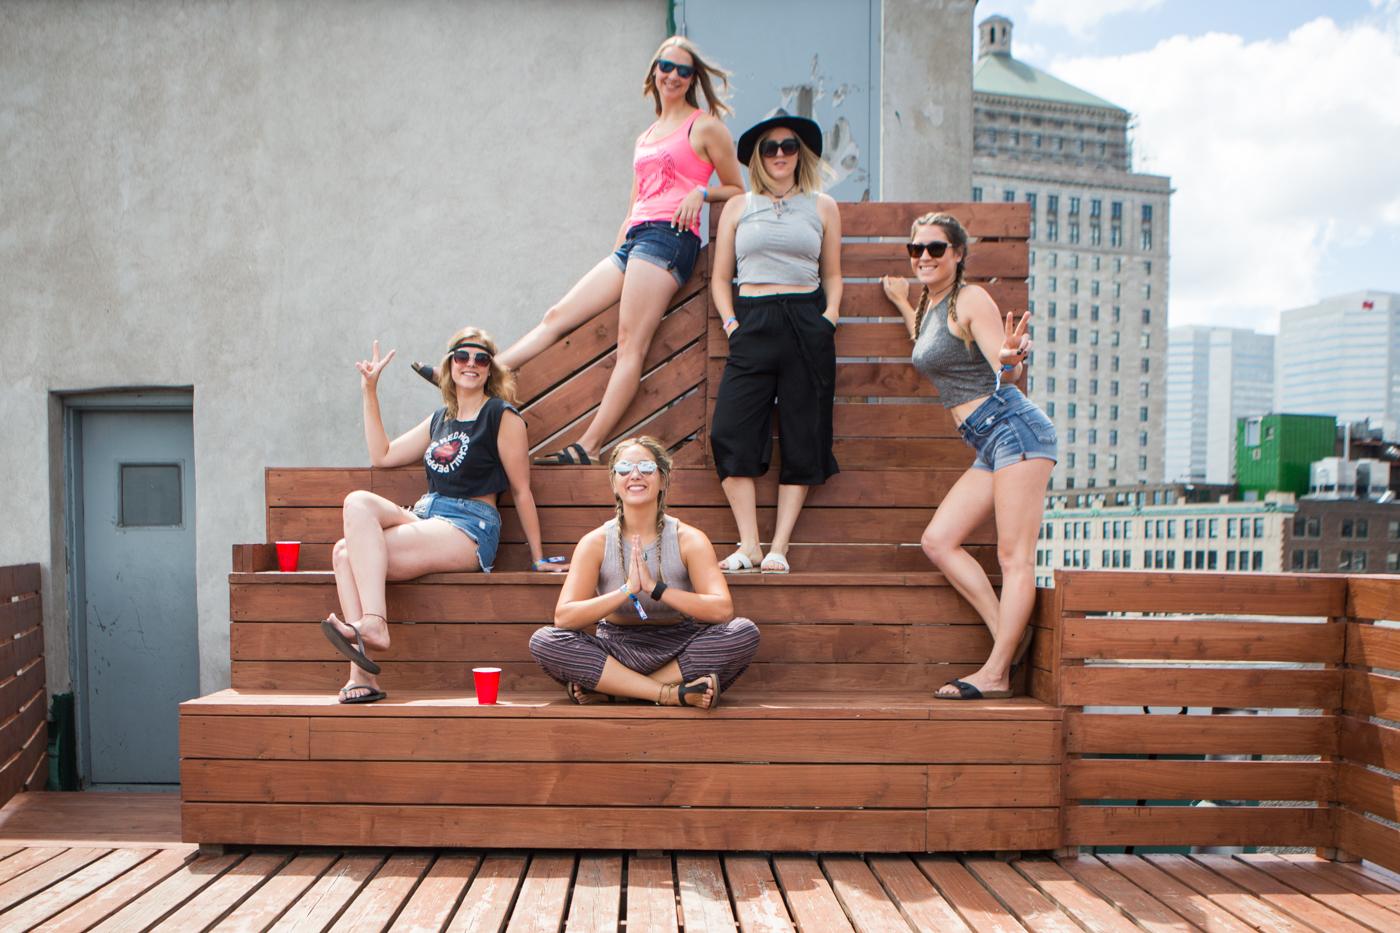 Bolandia_Blog_Montreal-Osheaga-Niagara-Falls-4046.jpg